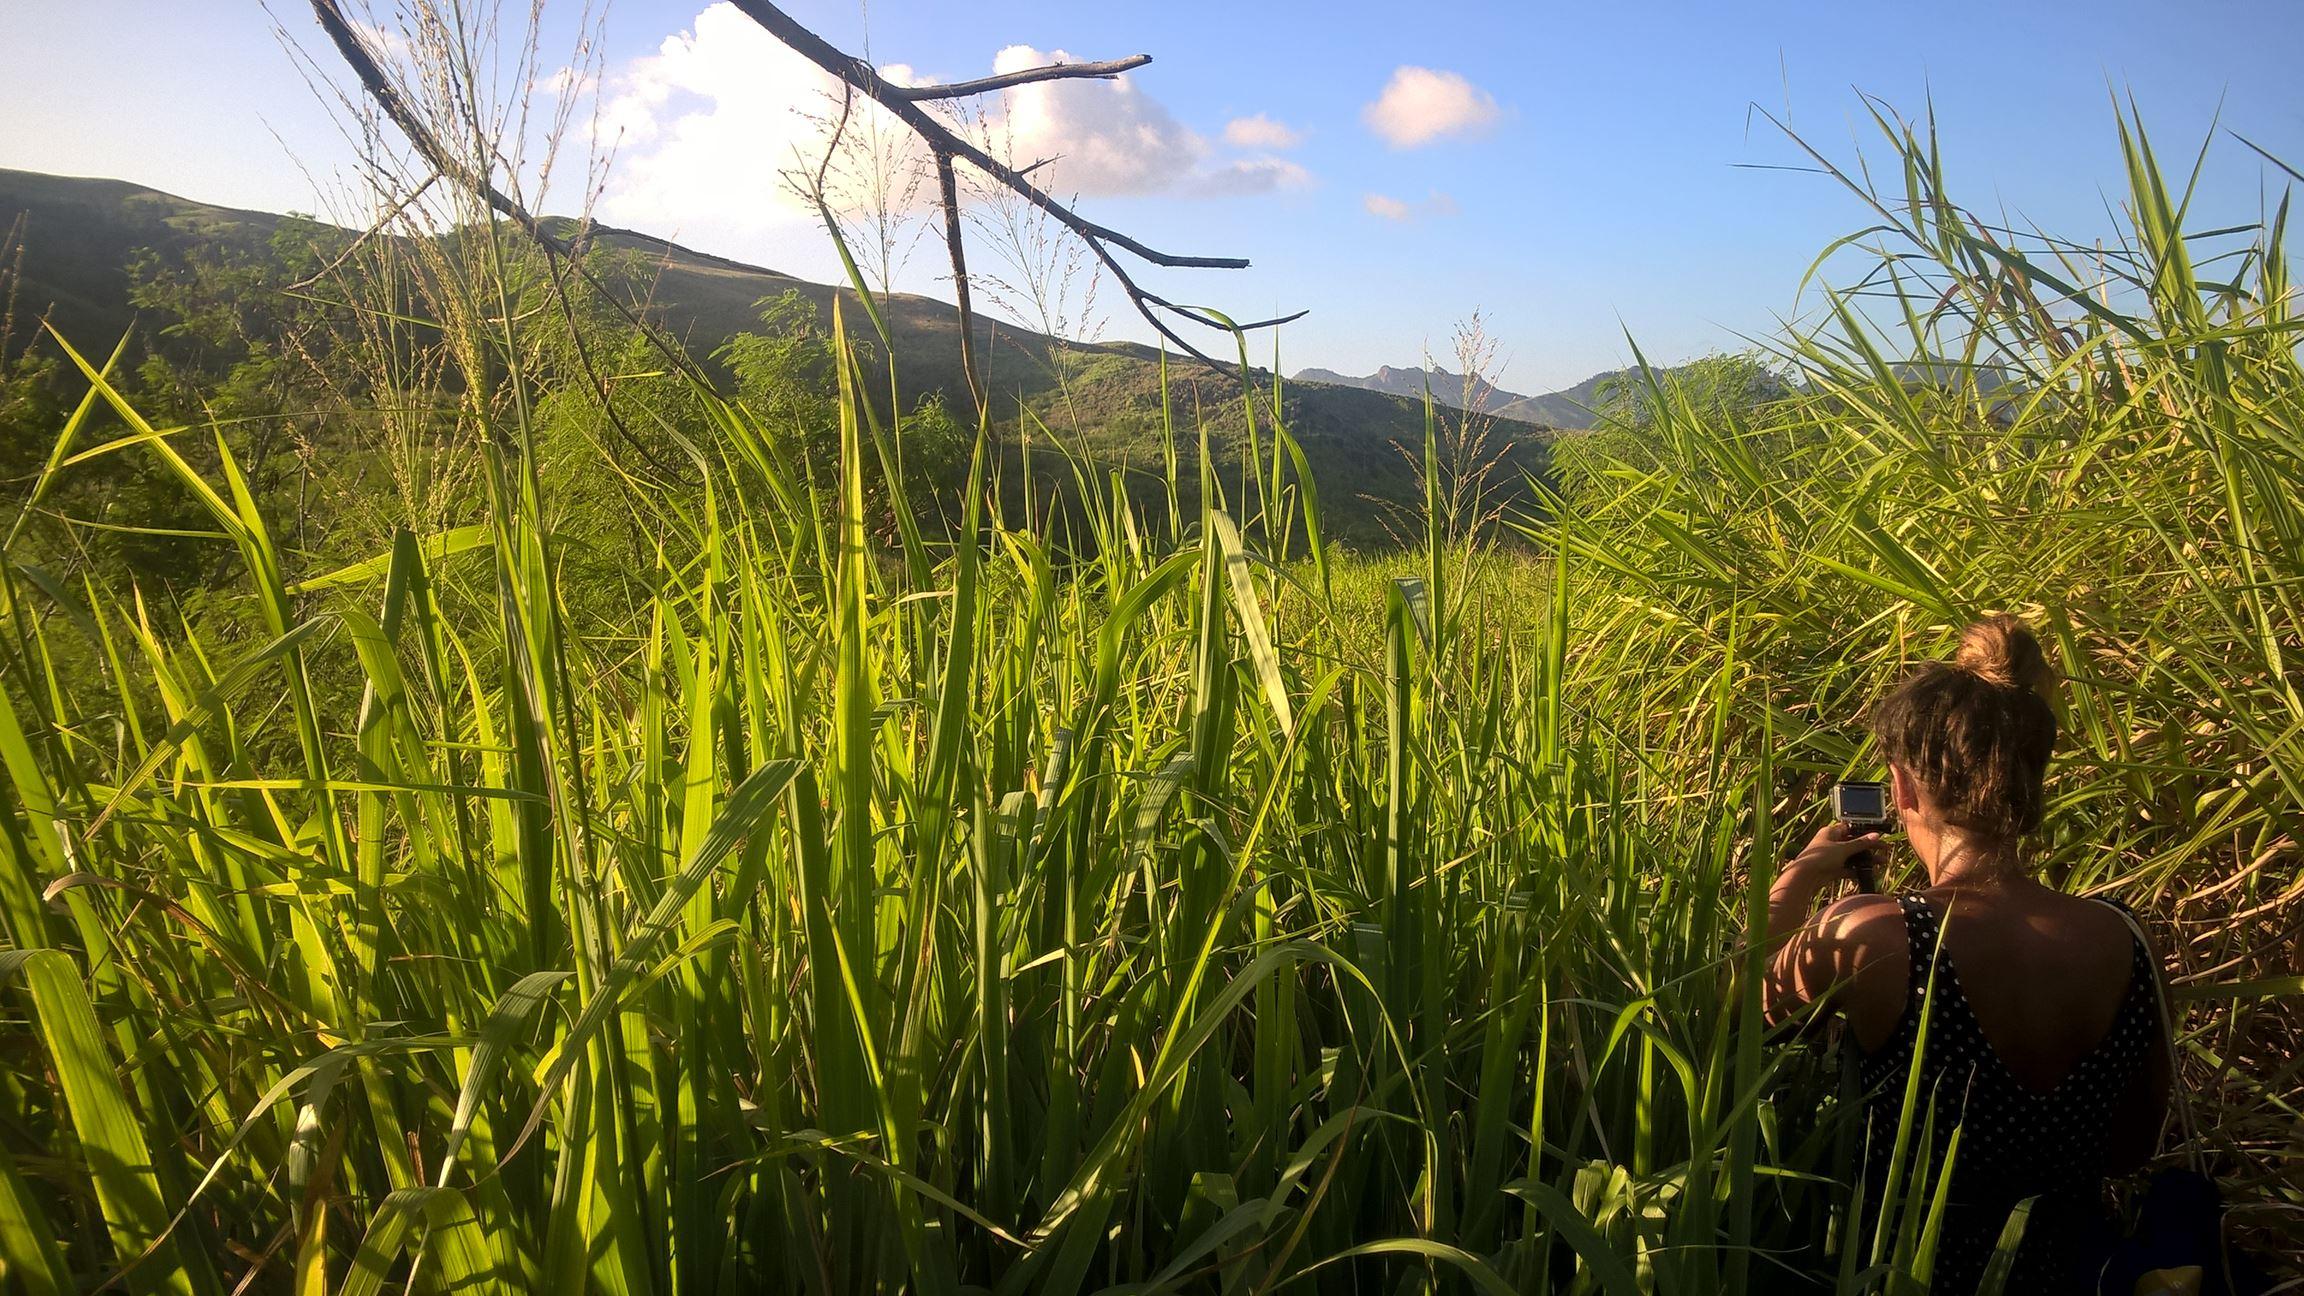 Durchs hohe Gras gehts weiter